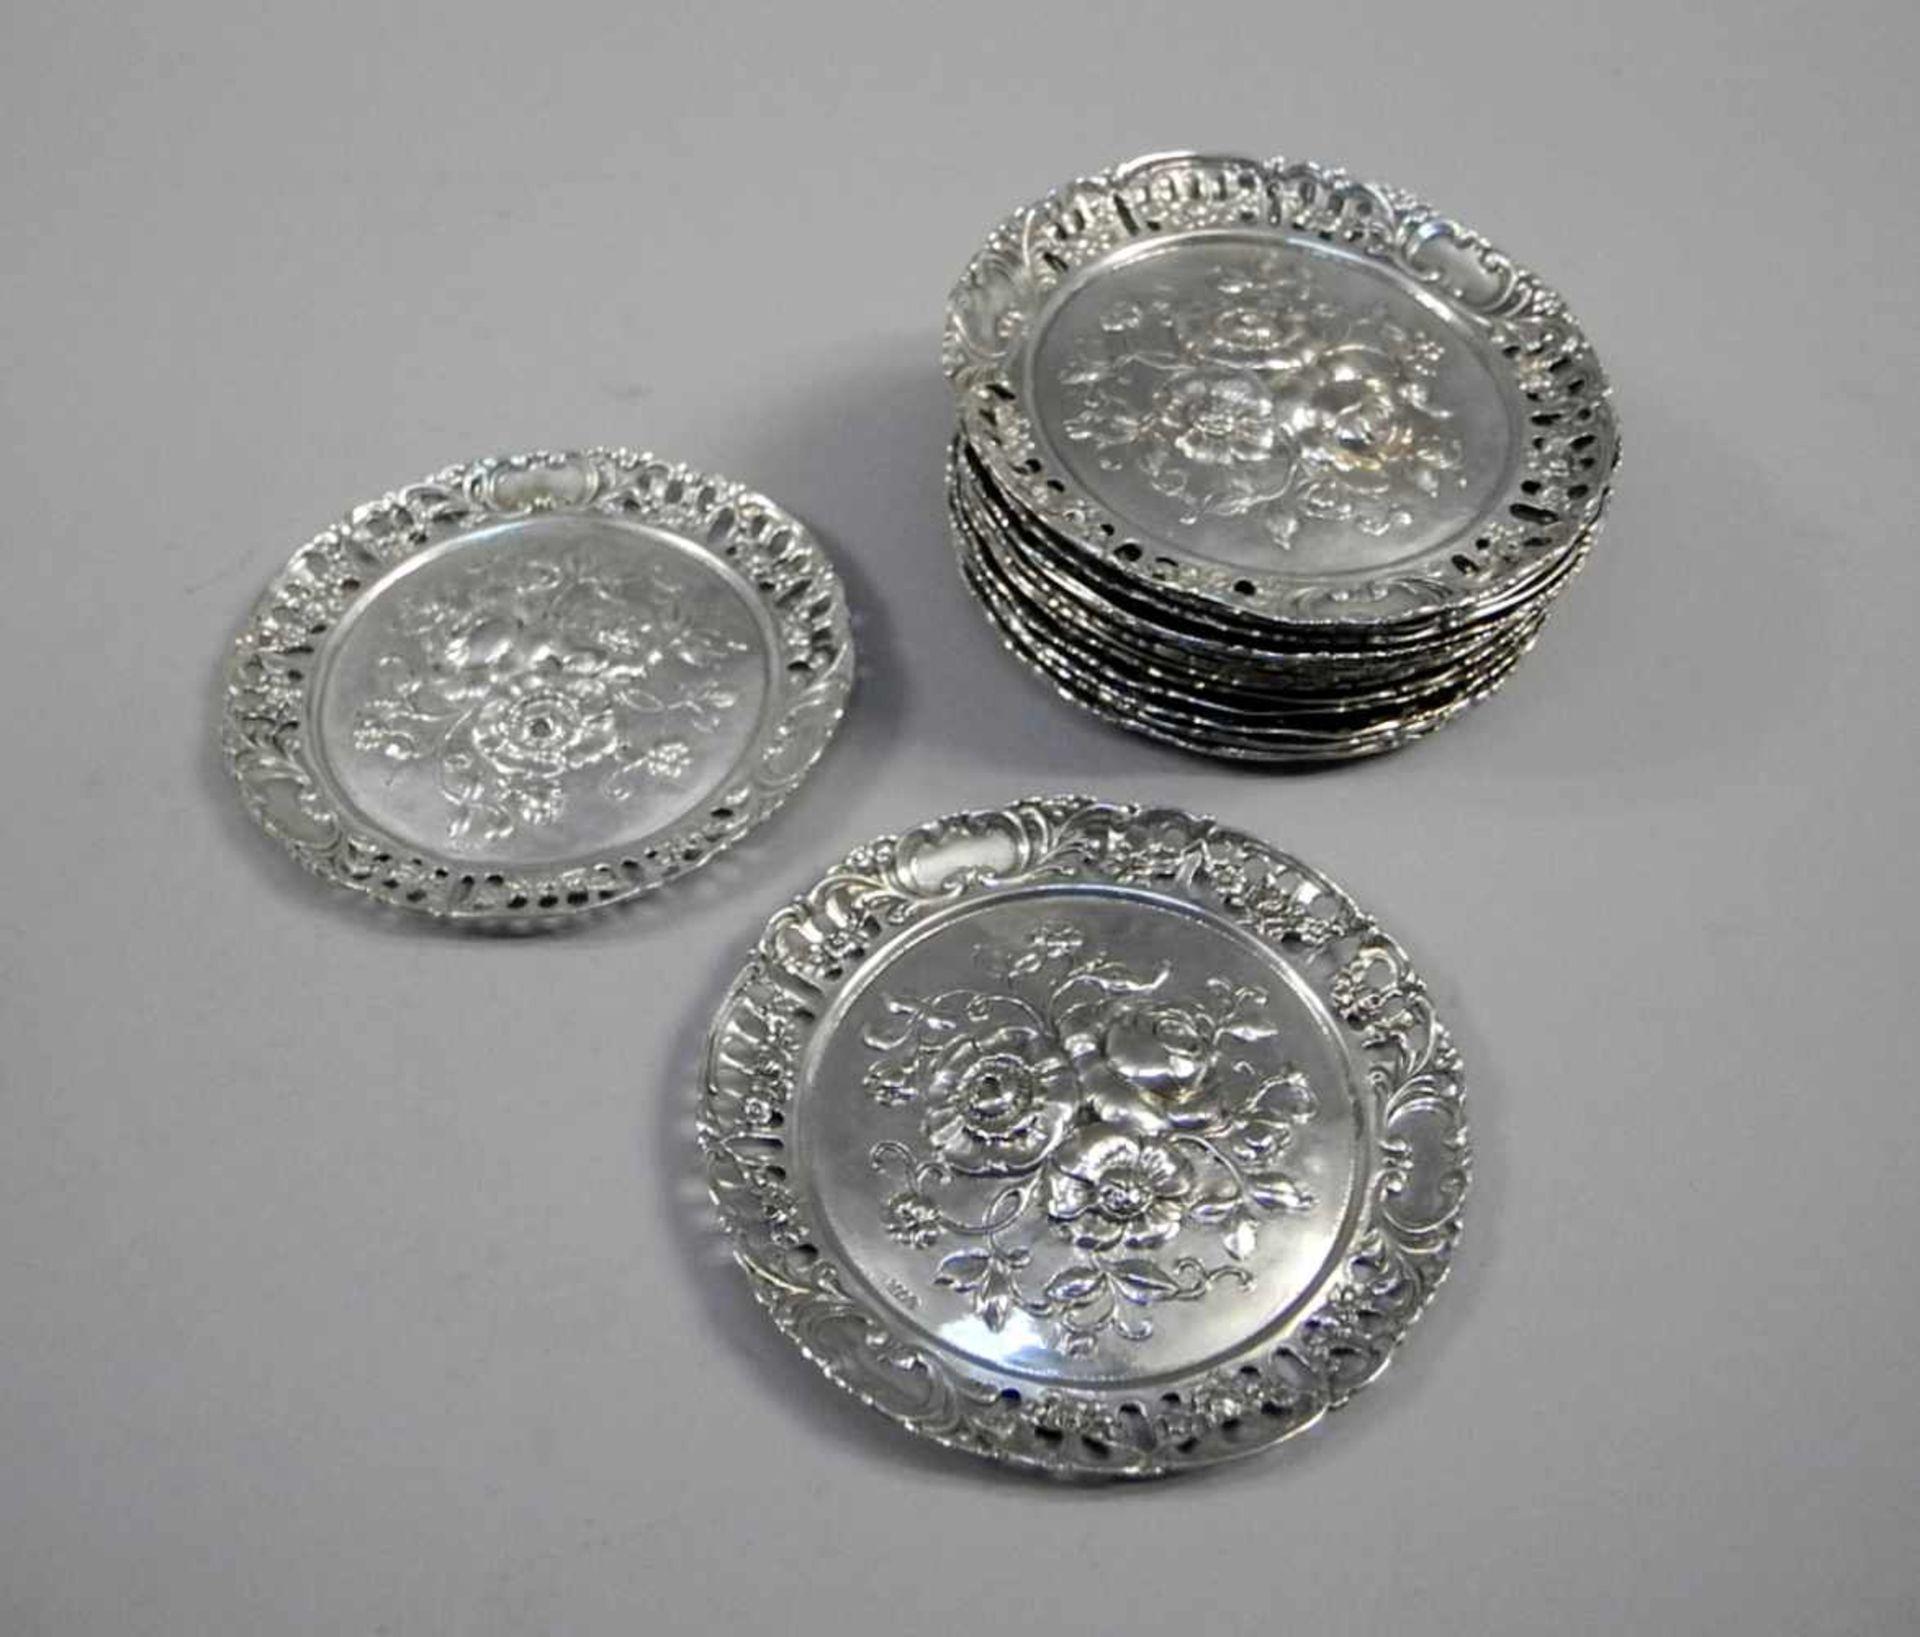 Los 4 - 16 Silber-Untersetzer mit BlumenbouquetSilber 800, jeweils am Spiegel mit Feingehaltsstempel und